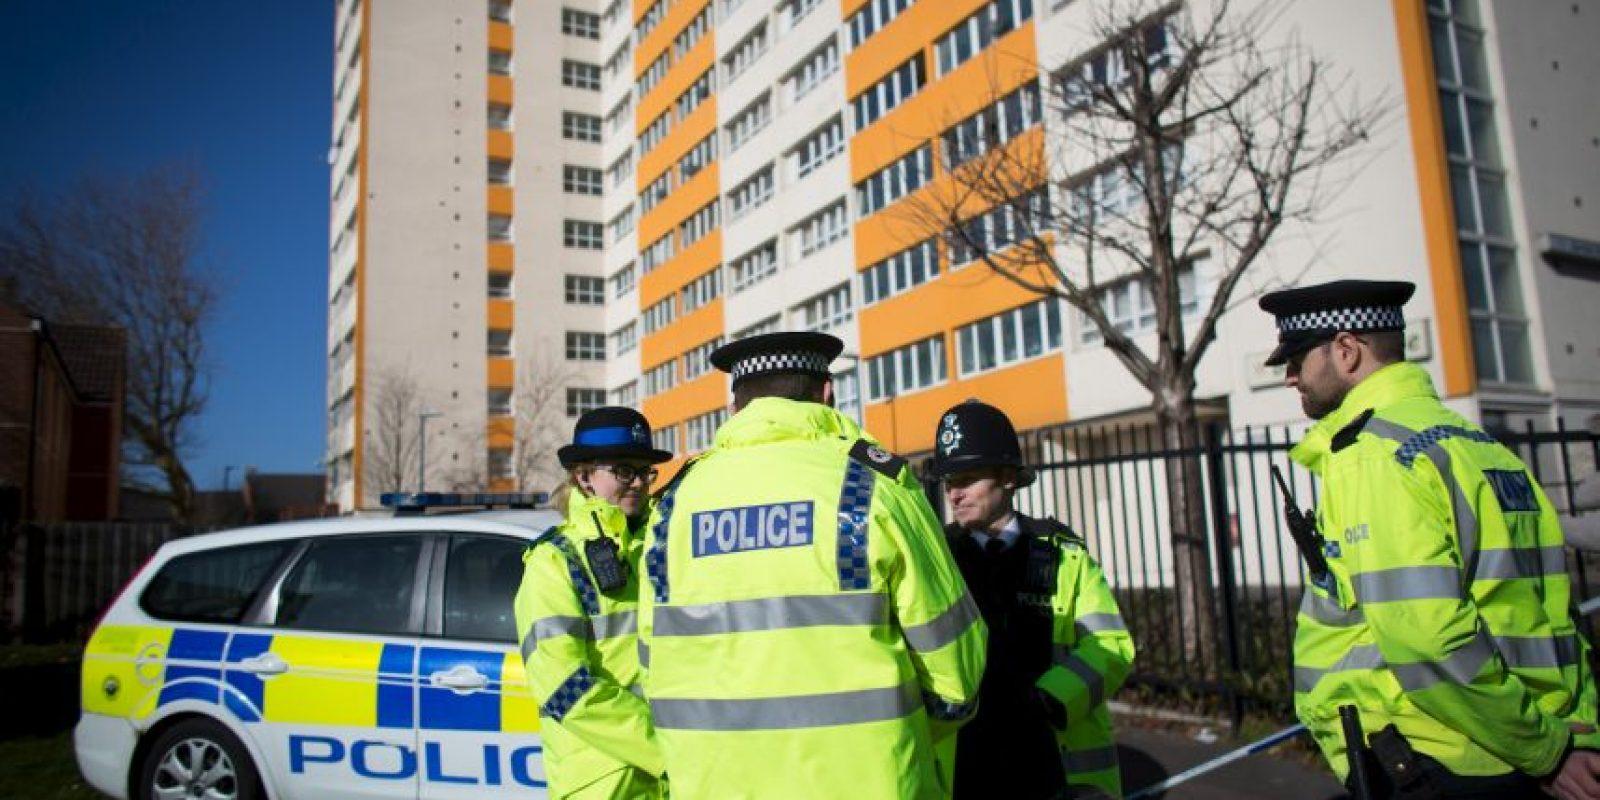 El fiscal esgrimió que el ataque se realizó por motivos racistas. Foto:Getty Images